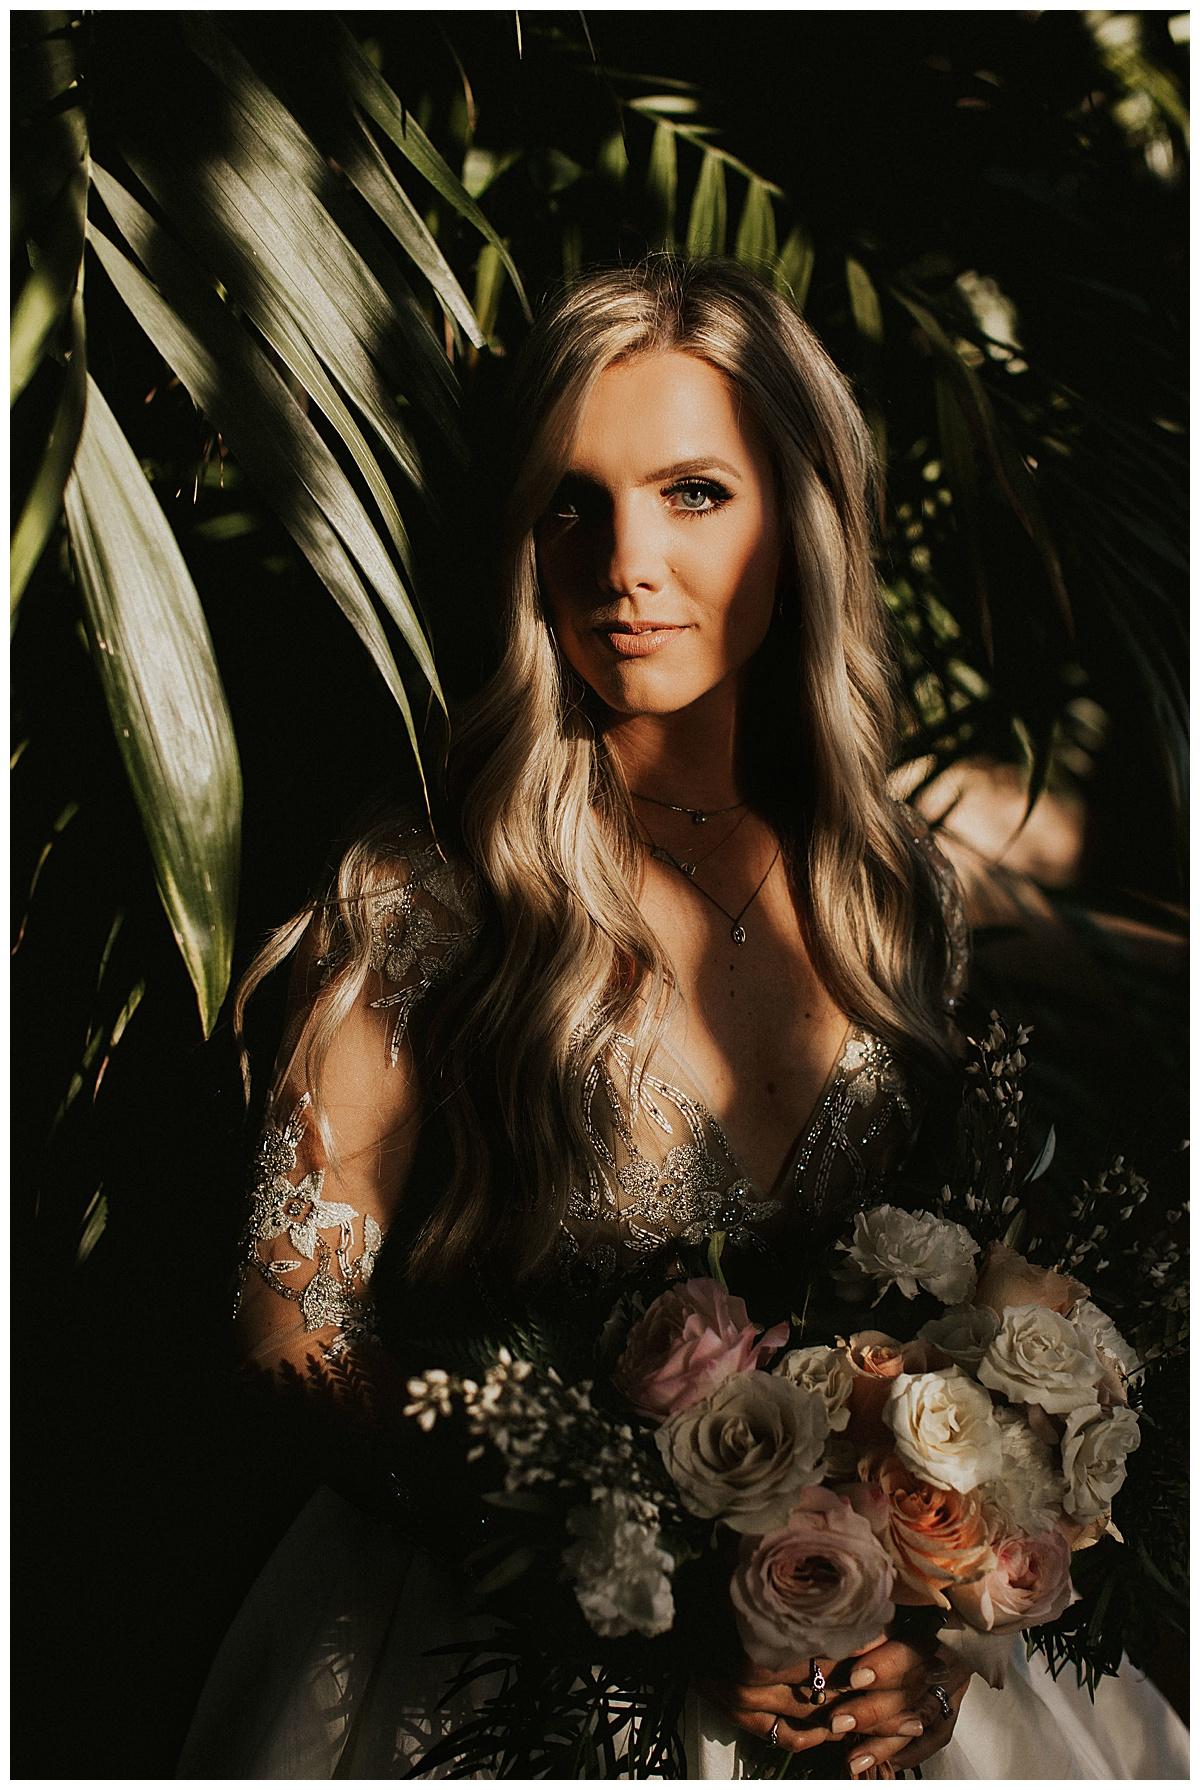 Bixby+Pine-Sarah-Anne-Photography-Balboa-Park-San-Diego-Californai_0003.jpg